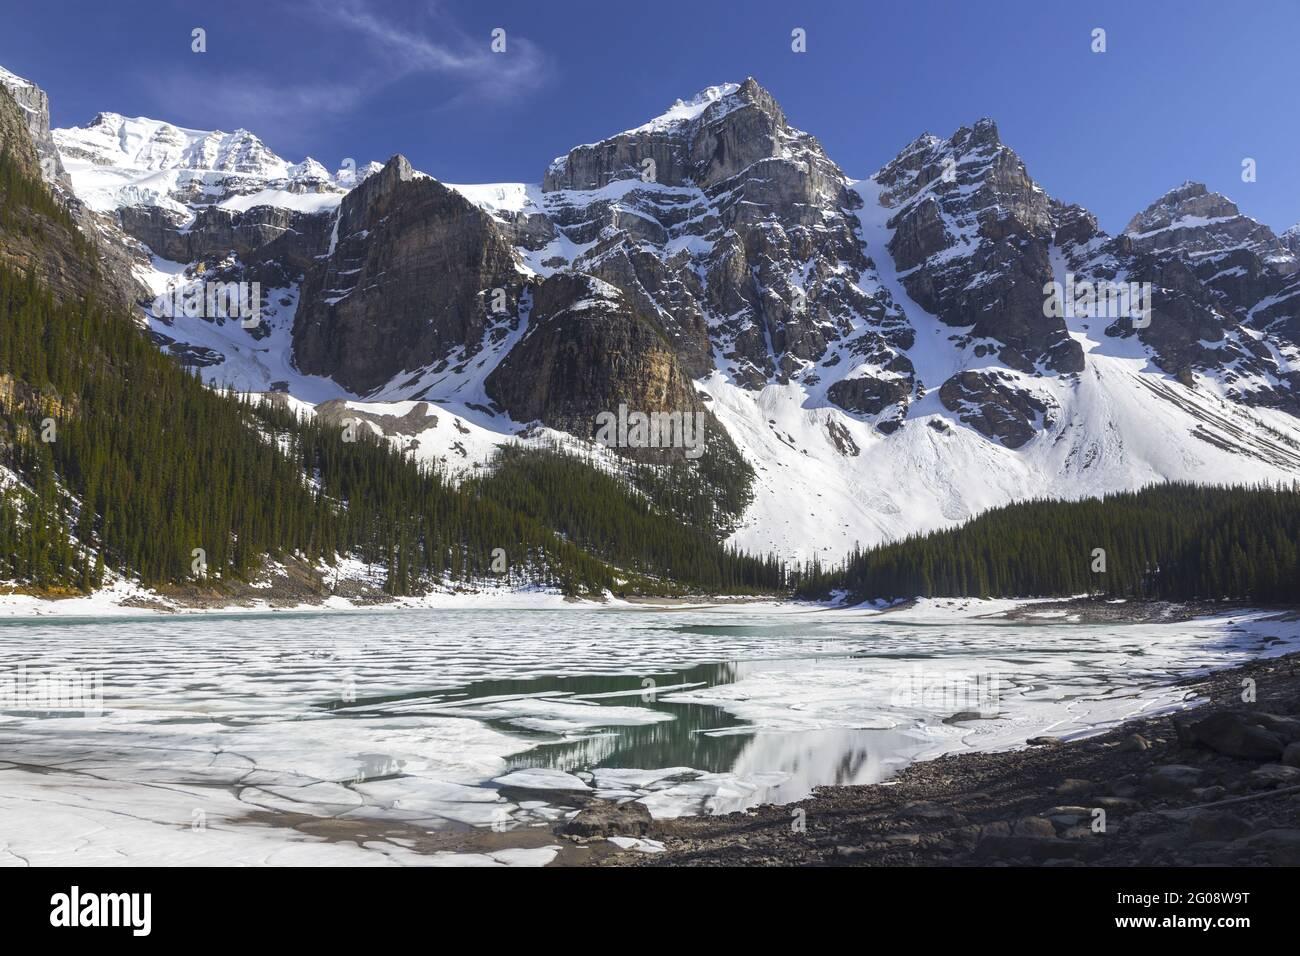 valley-of-ten-peaks-above-frozen-moraine